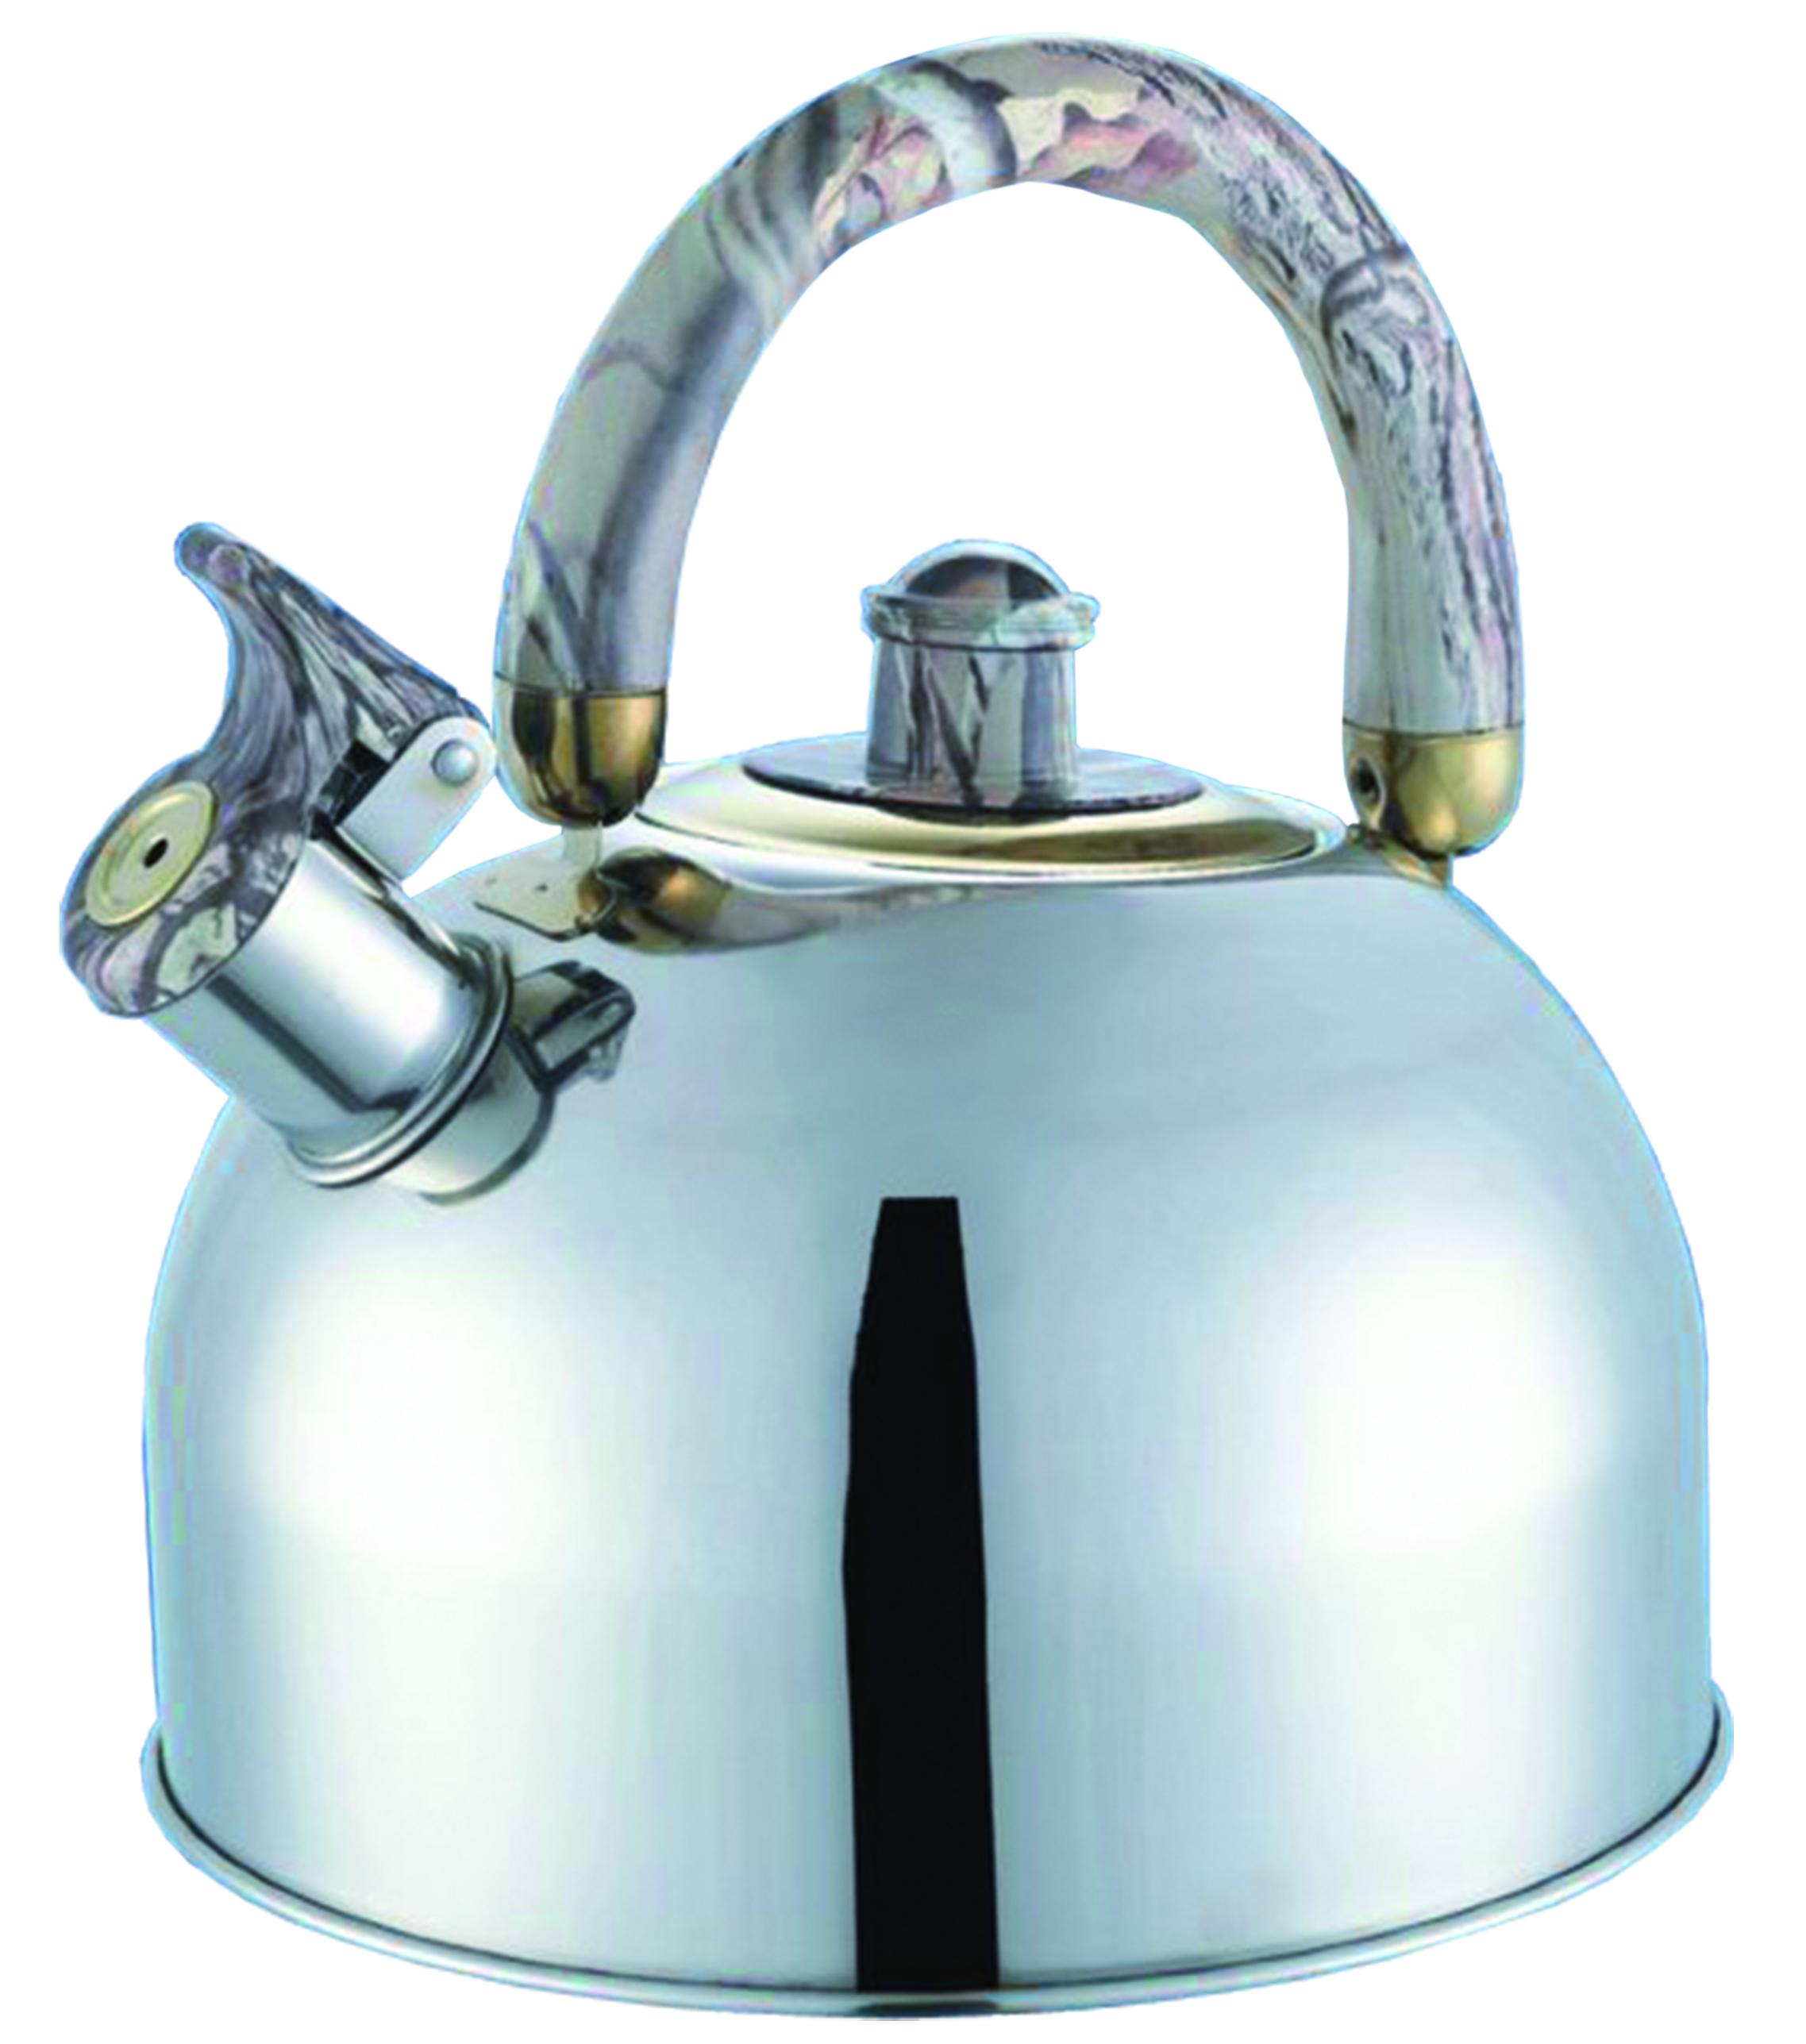 Чайник мет. BHL - 623, 2,5л., мр.серый. bohmann bhl 655